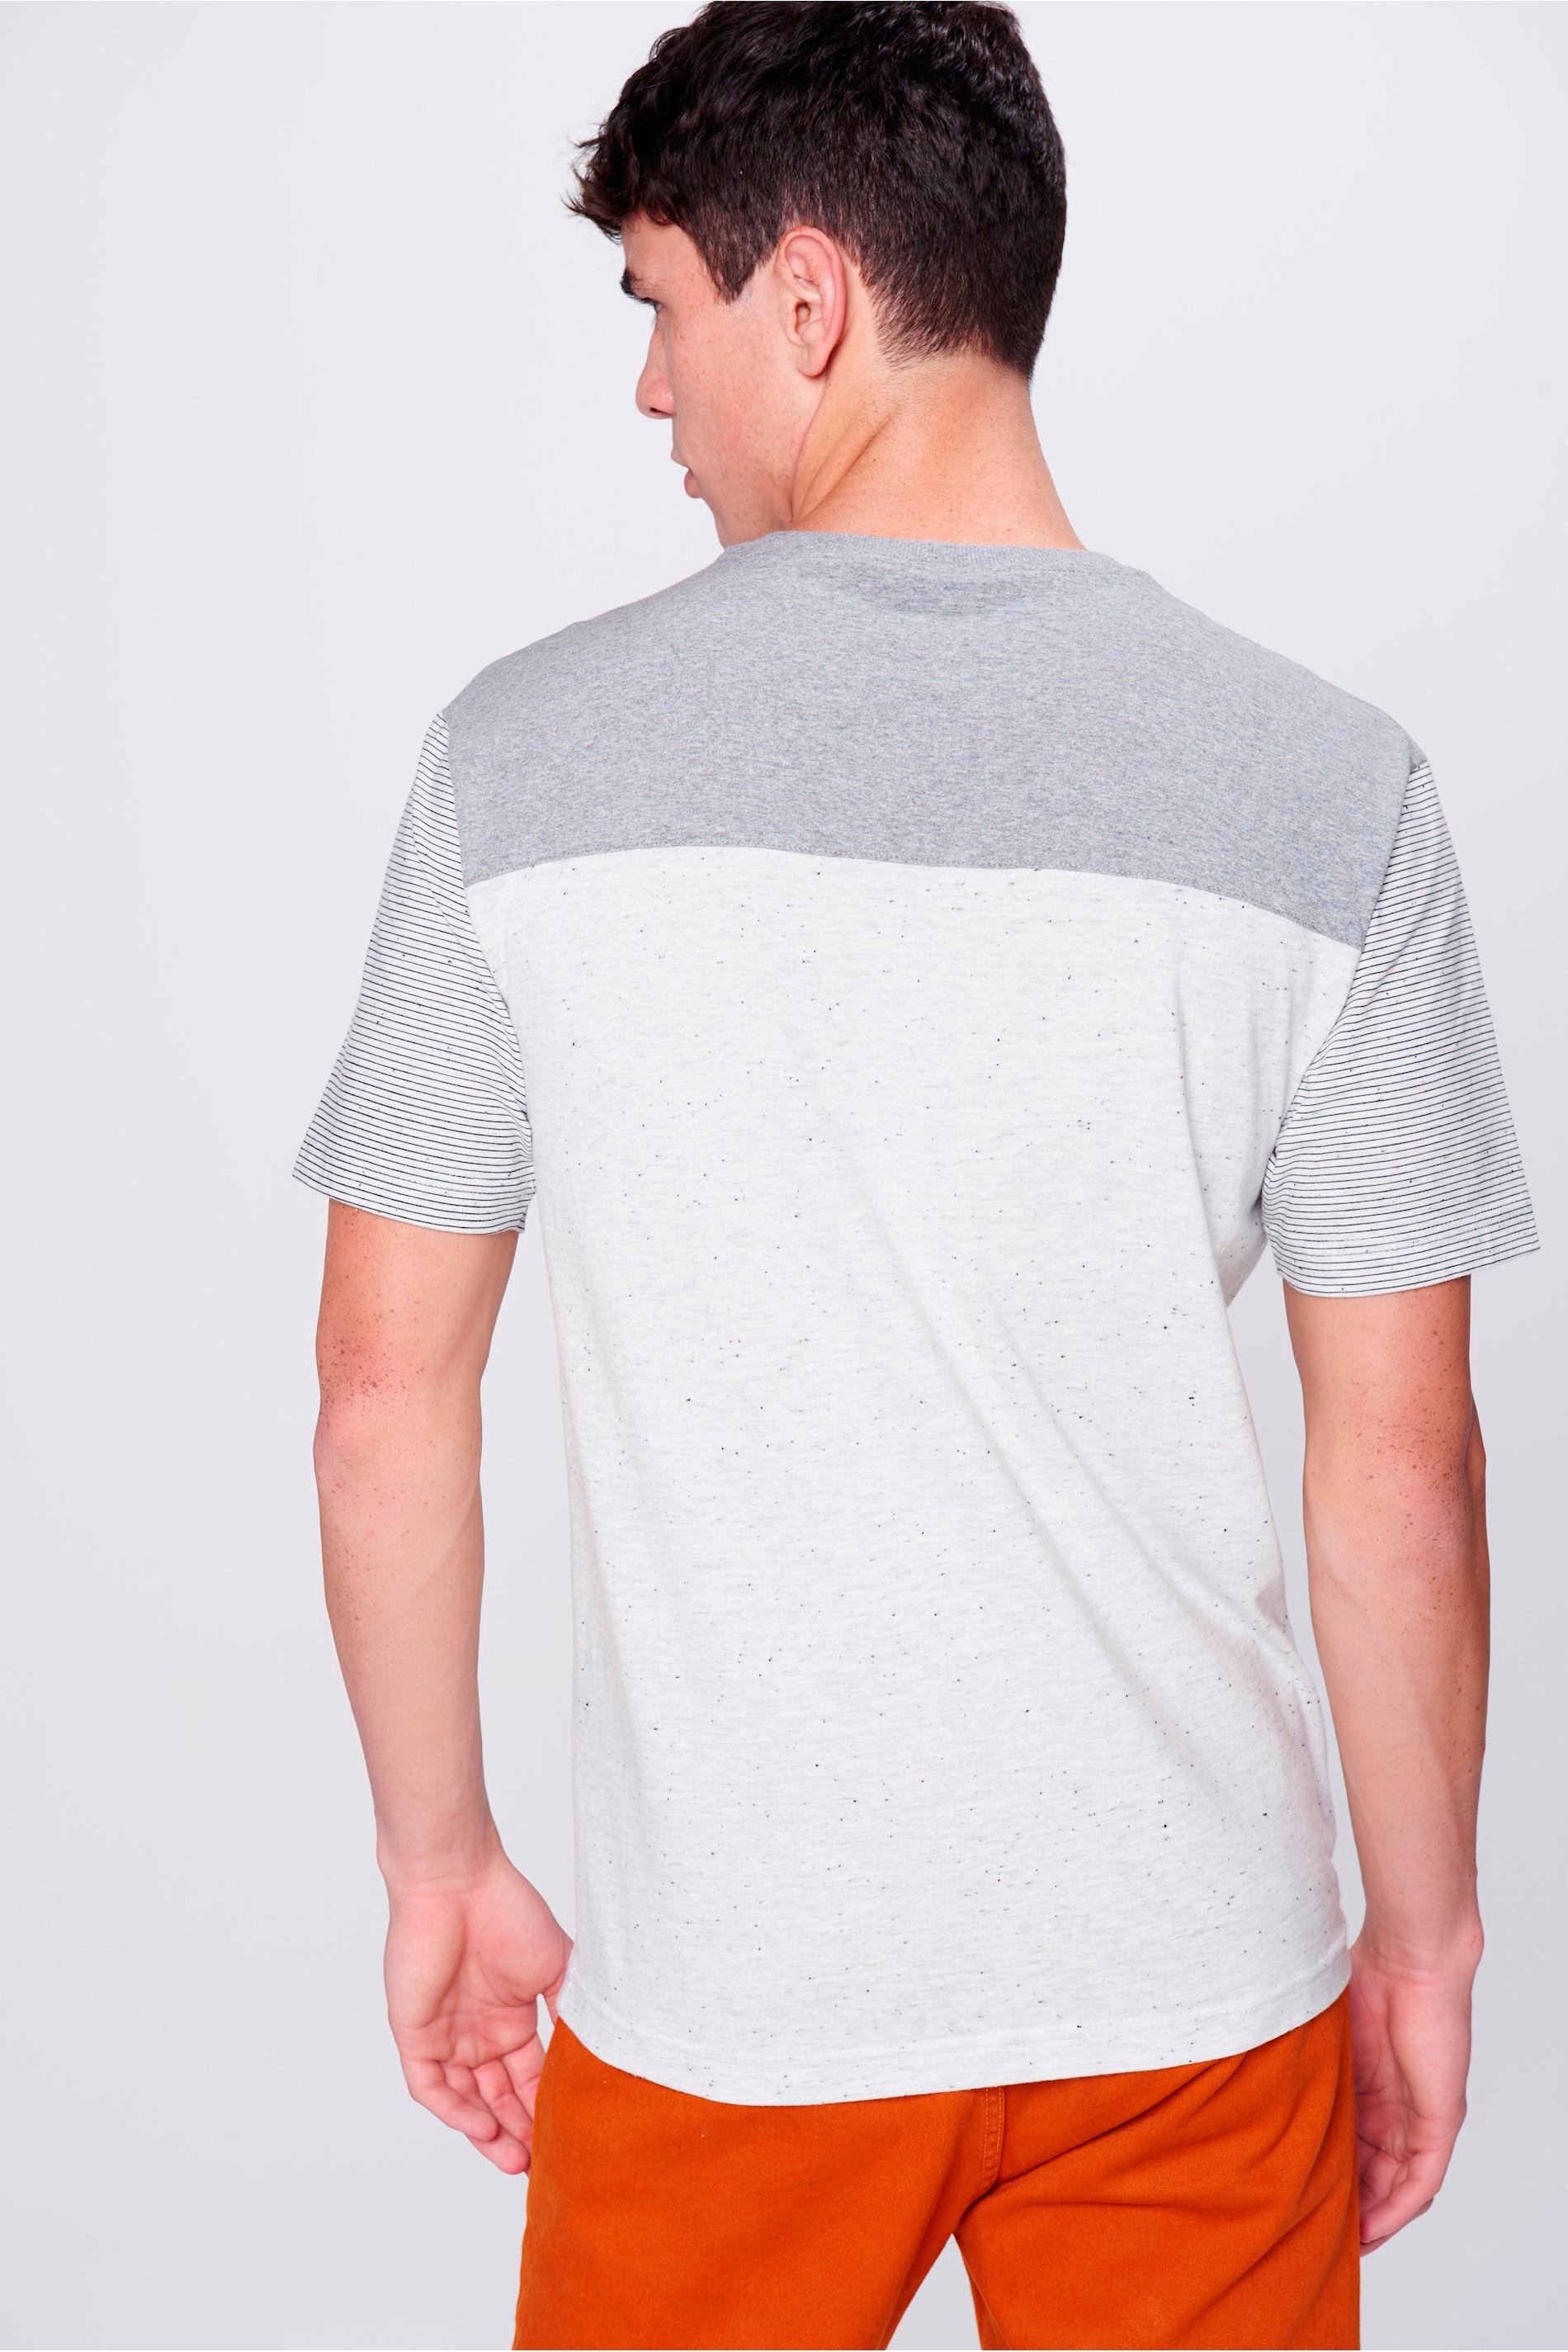 6ff8de2f0 Camiseta Masculina com Recorte - Damyller